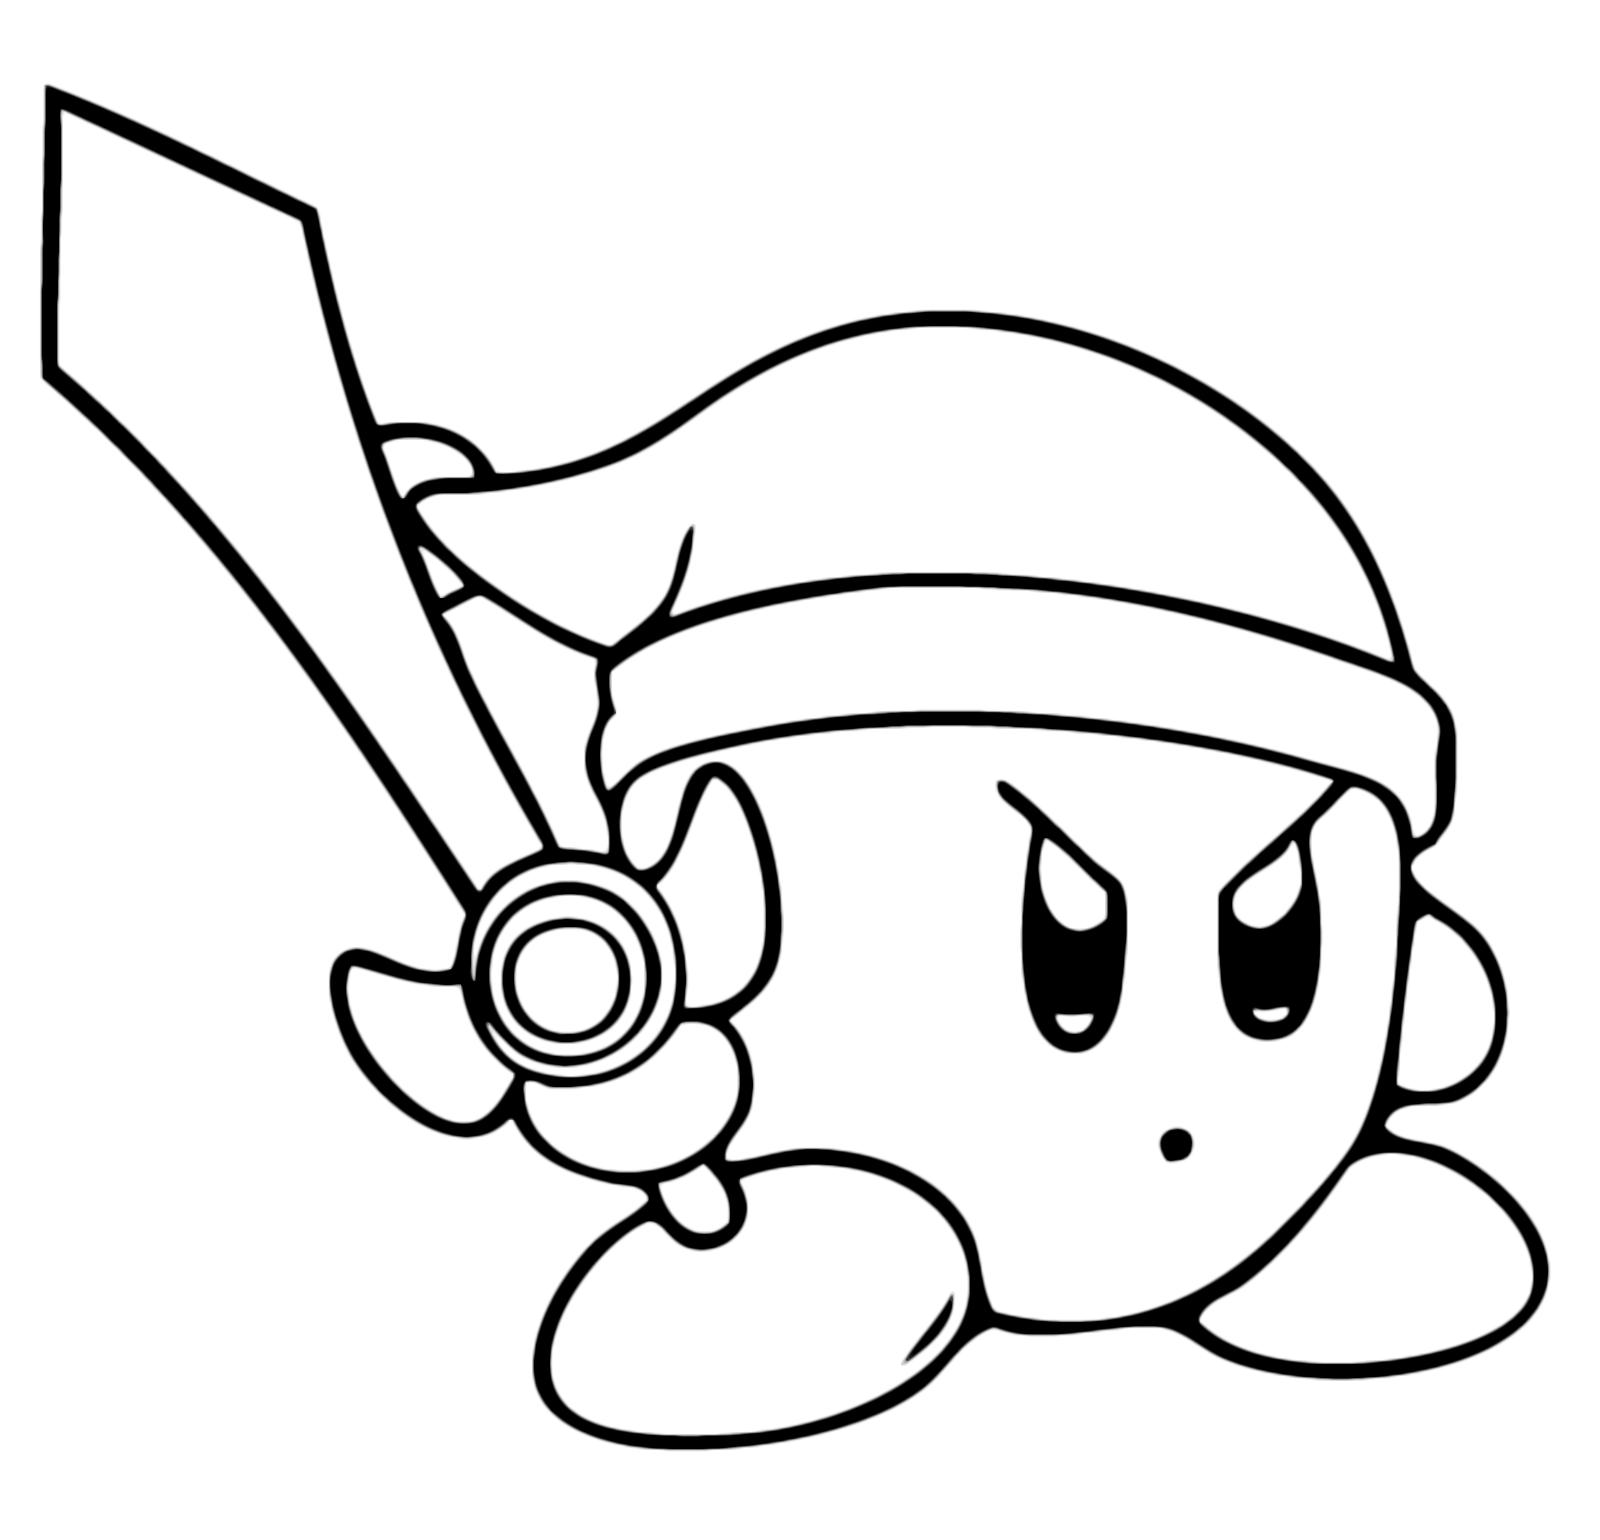 Disegni In Bianco Da Colorare Yo Kai Watch Migliori Pagine Da